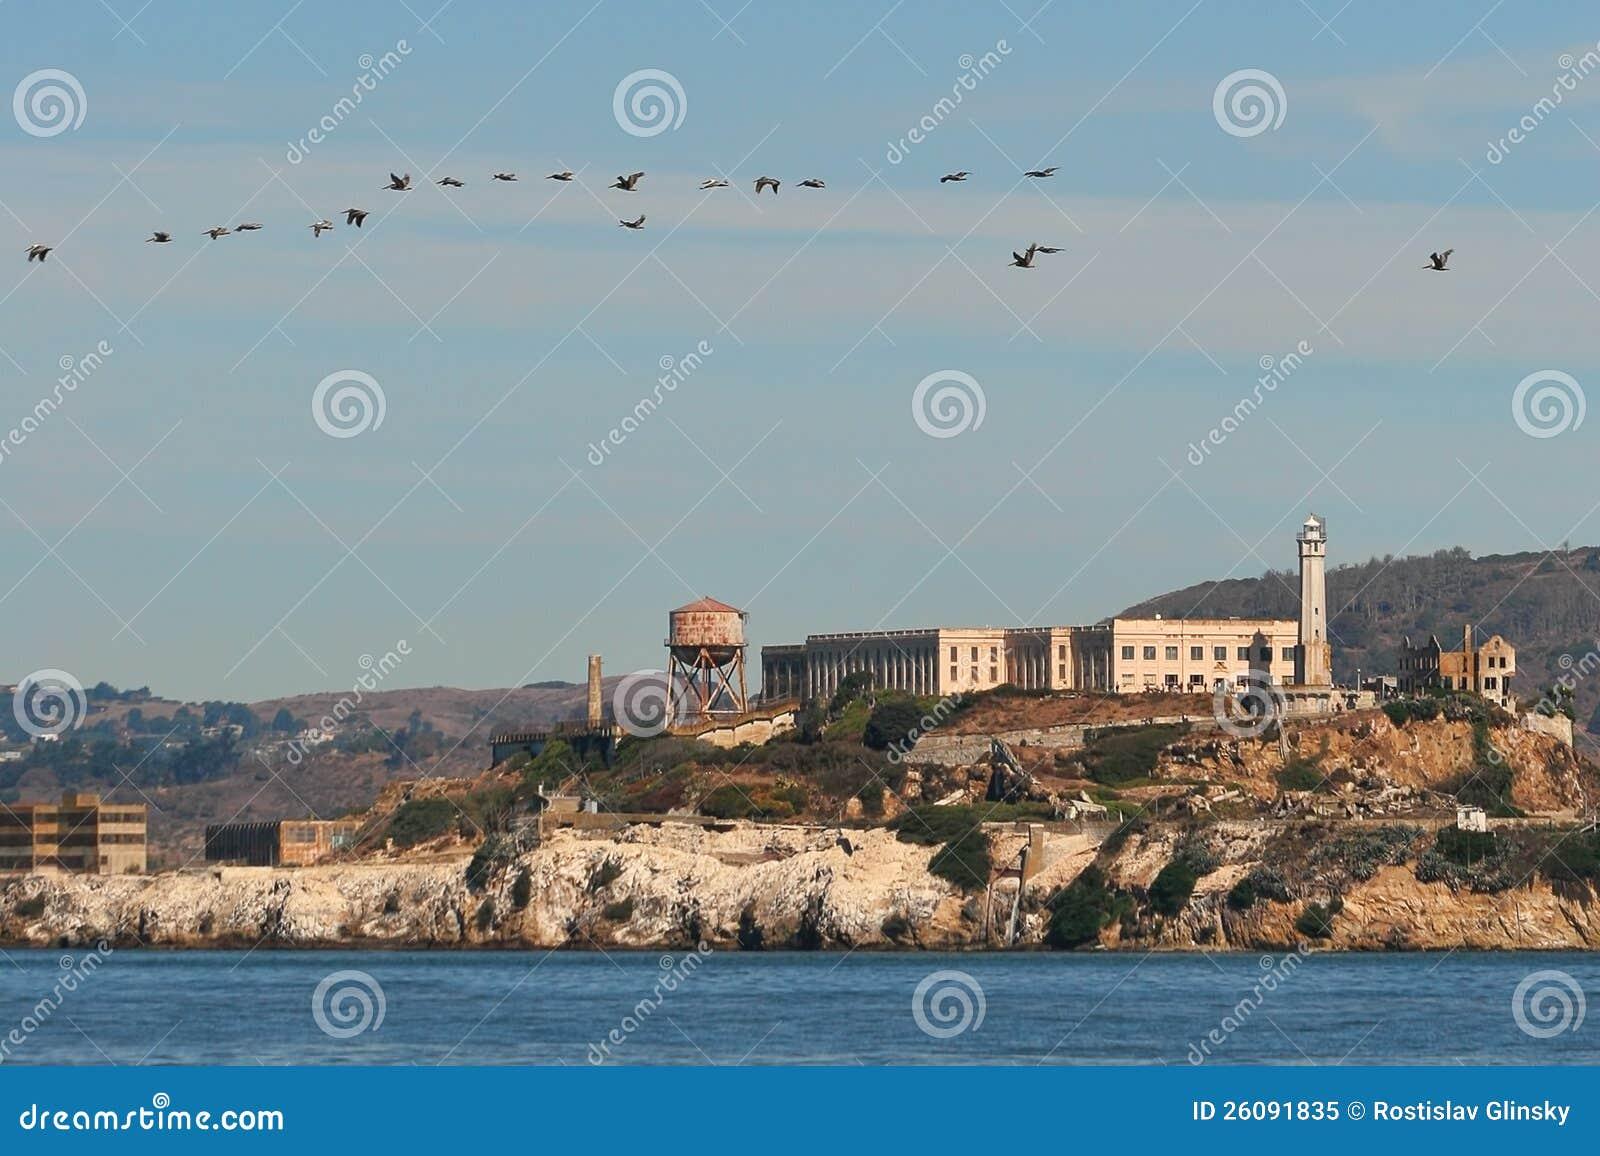 The Rock. San Francisco, USA.